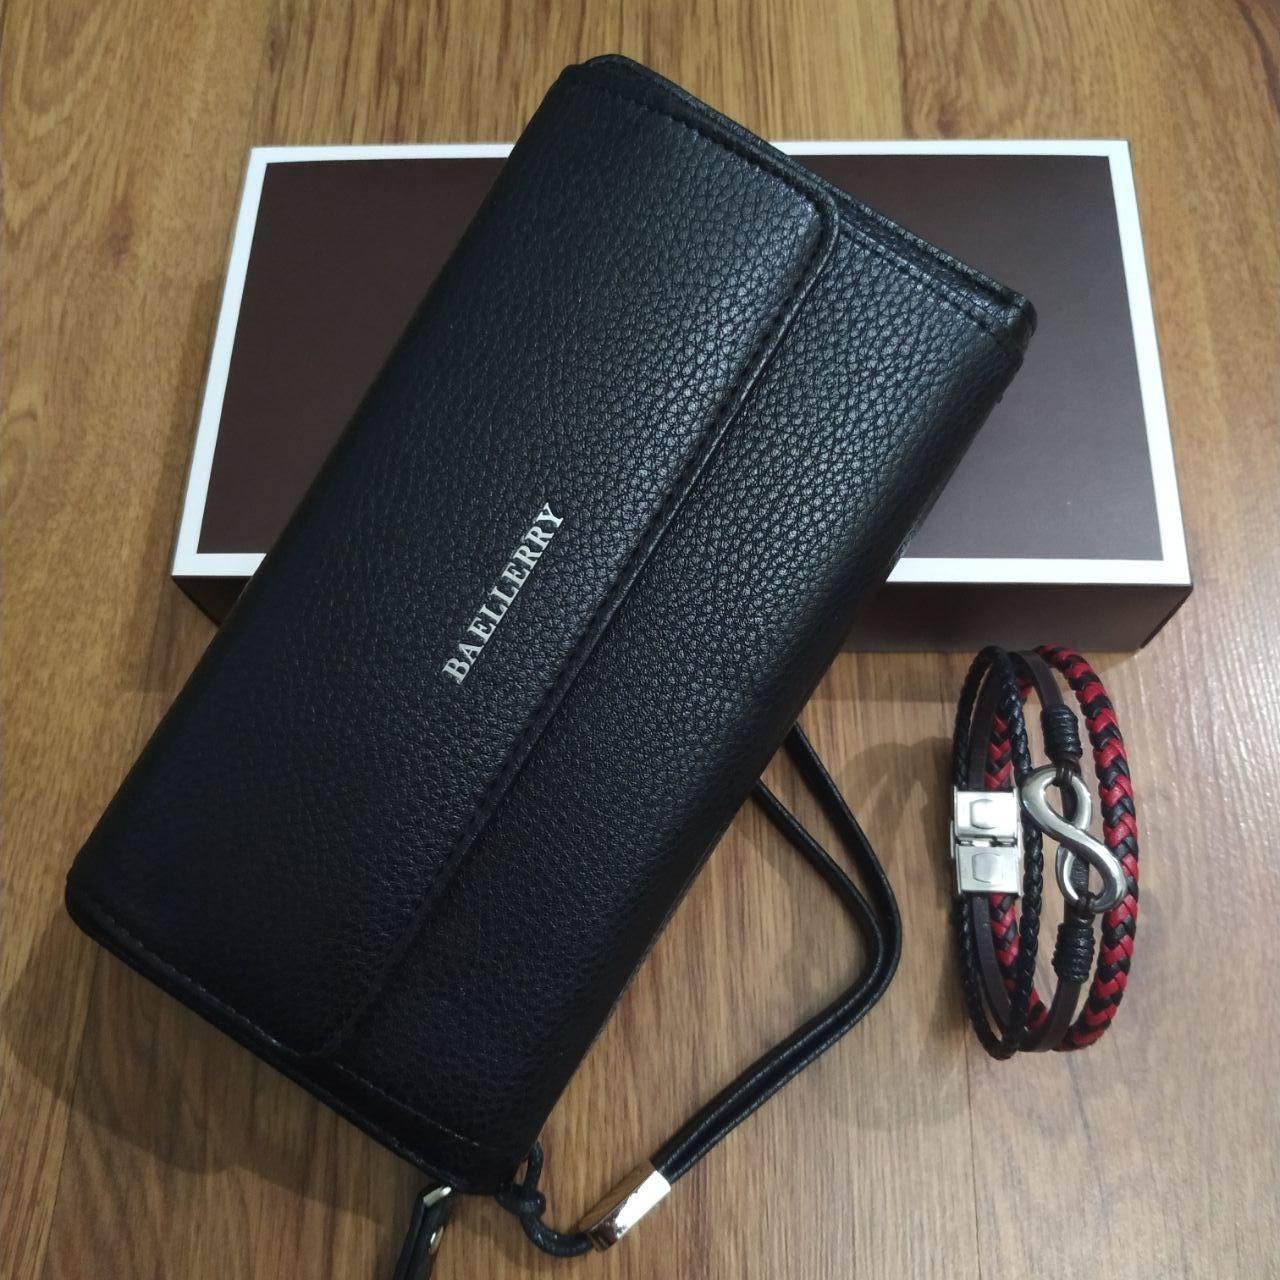 Подарунковий набір №19. Чоловічий клатч (гаманець) Baellerry Favorit + чоловічий браслет із сталі і шкіри Infinity